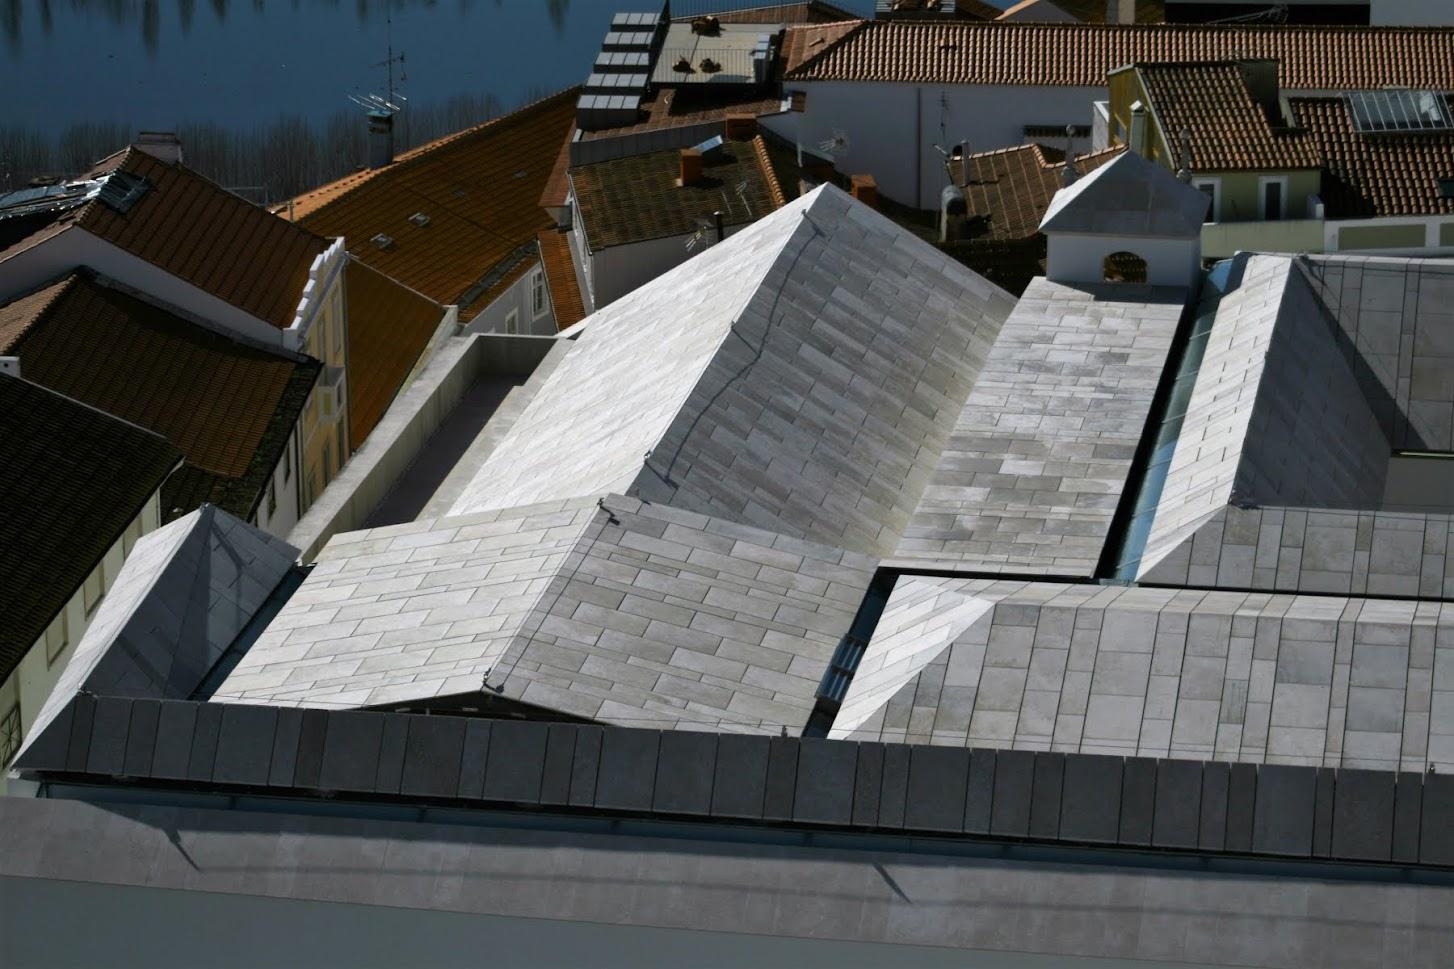 Casa da Jurisprudência - Coimbra - Aires Mateus - Foto Jorge Paulo Correia